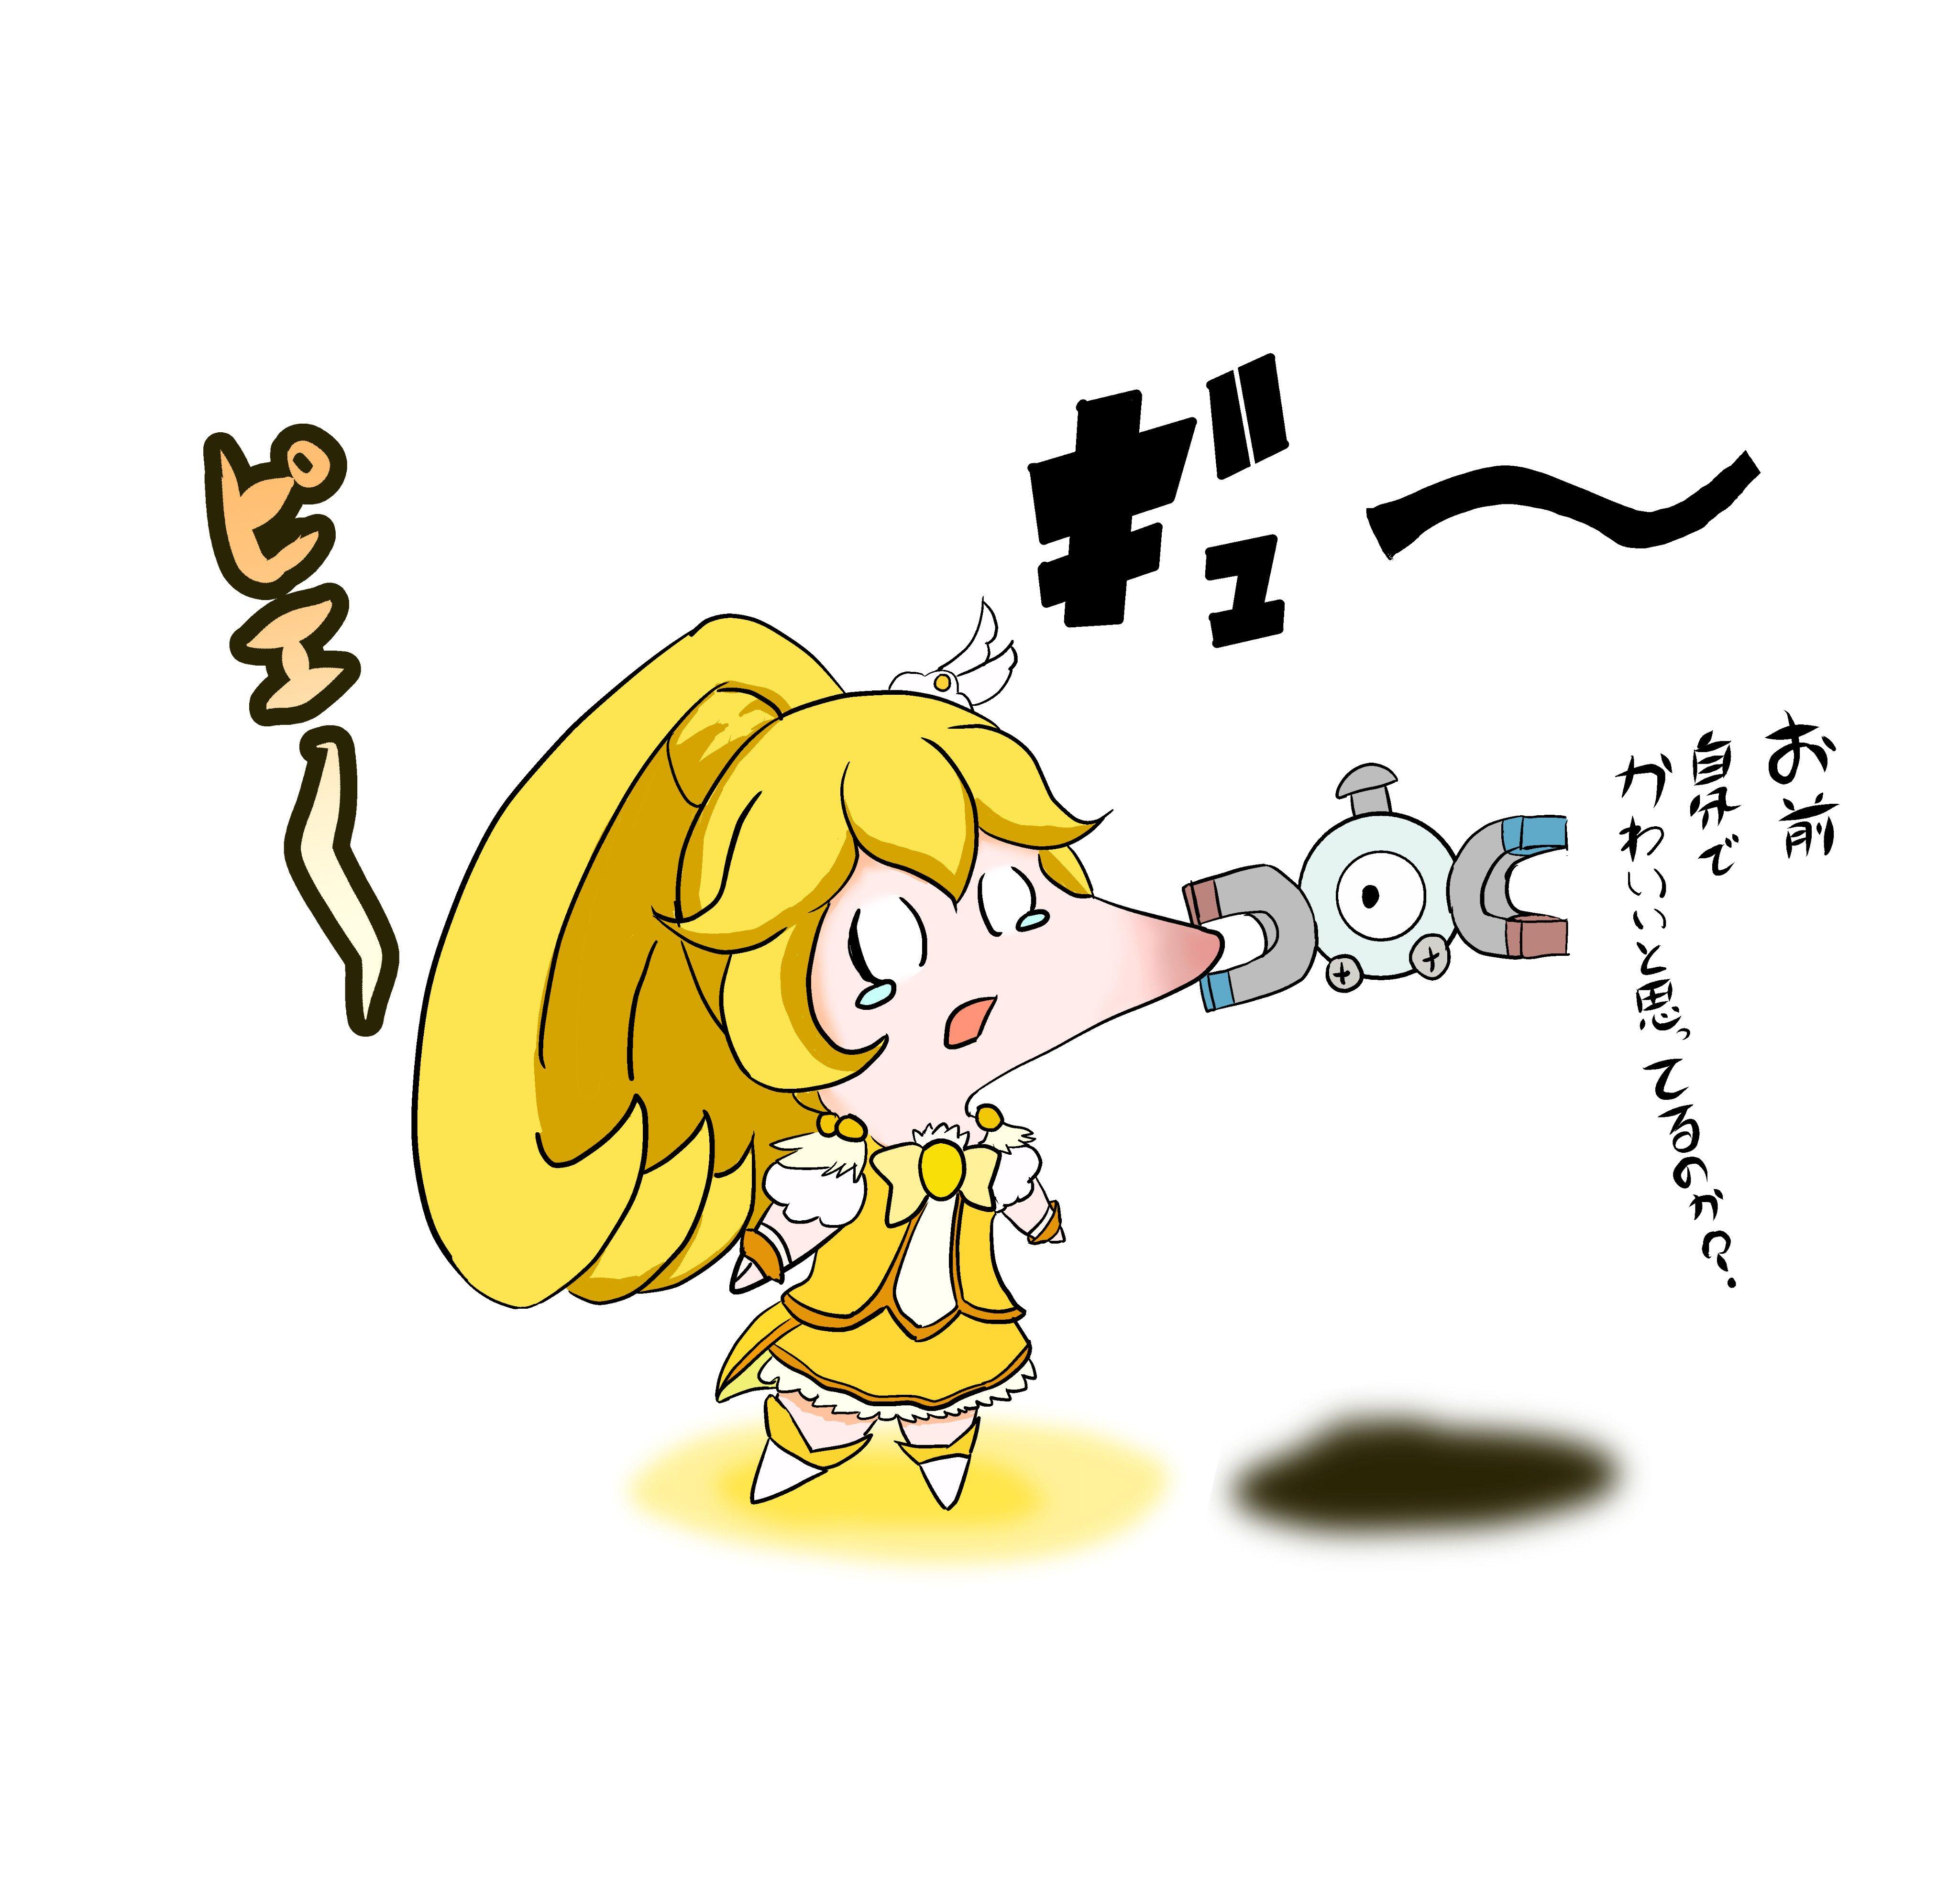 たばやしこゆか (@KMailto)さんのイラスト